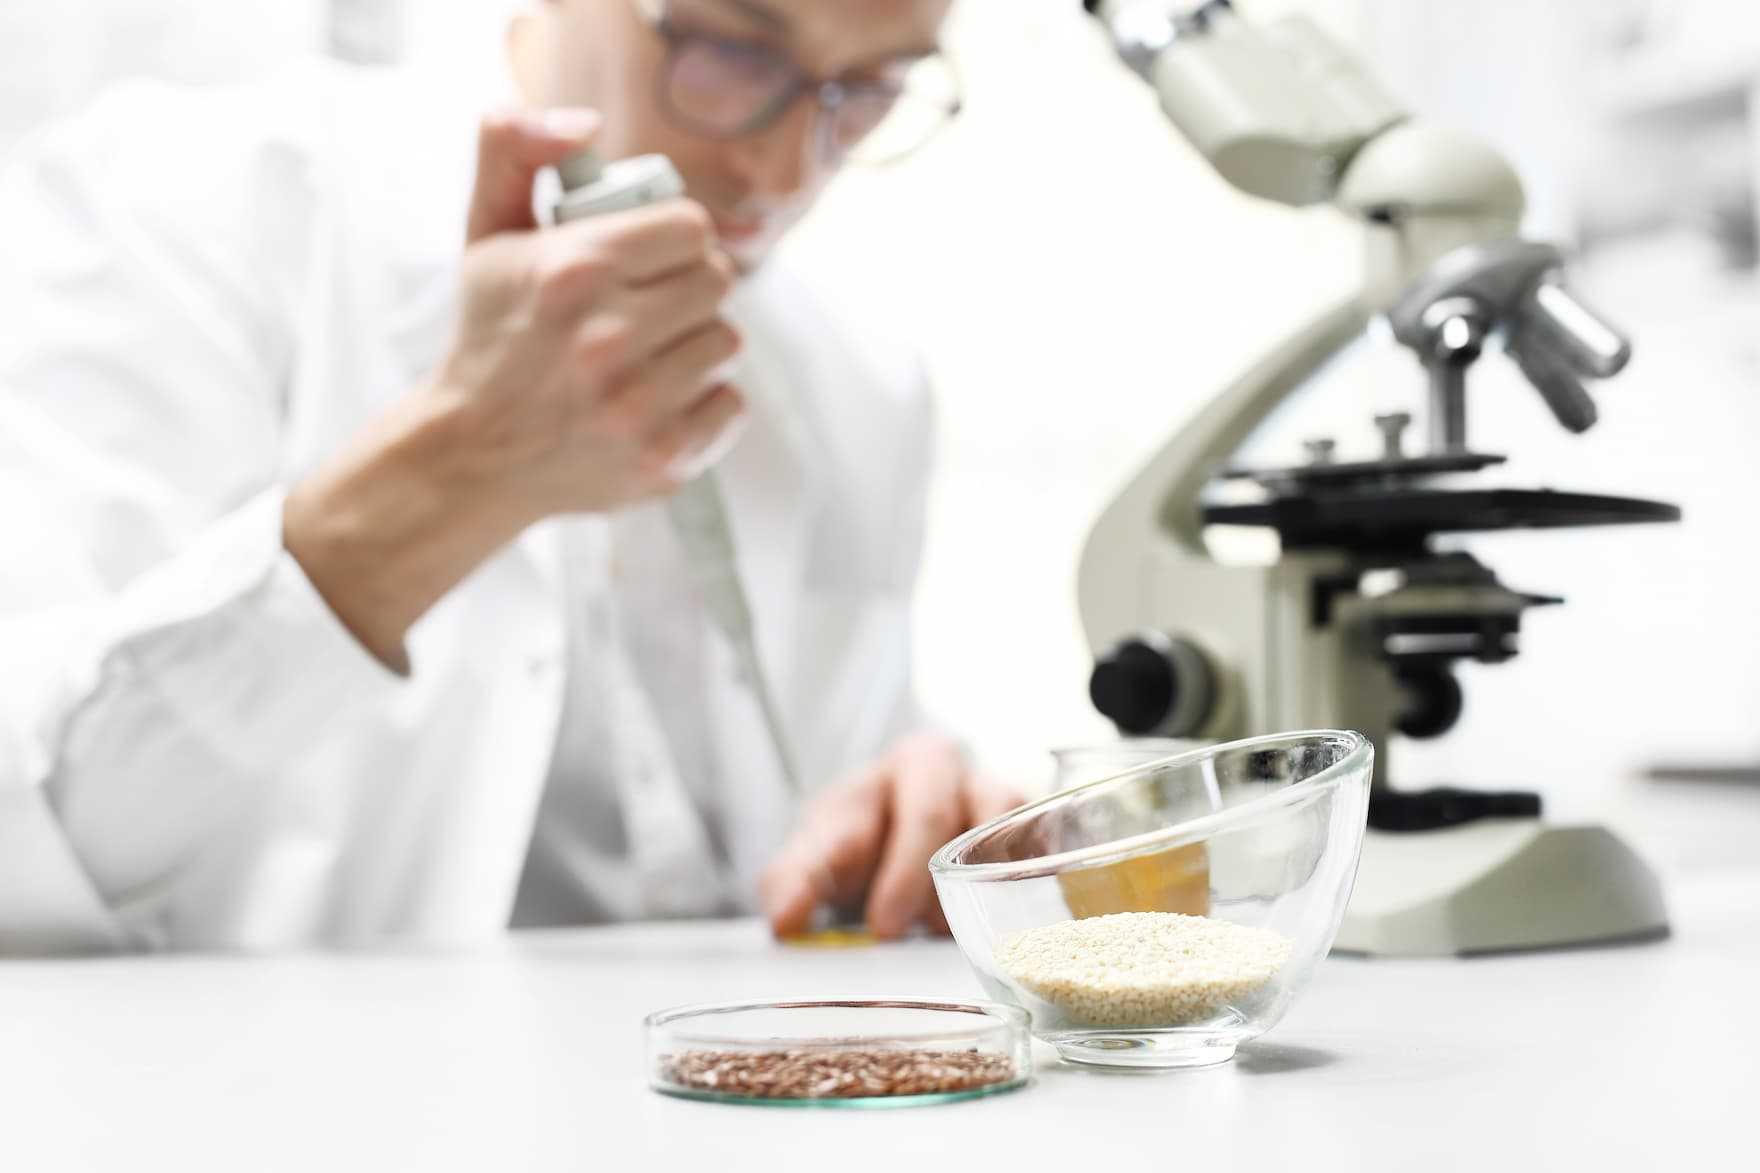 food analyses